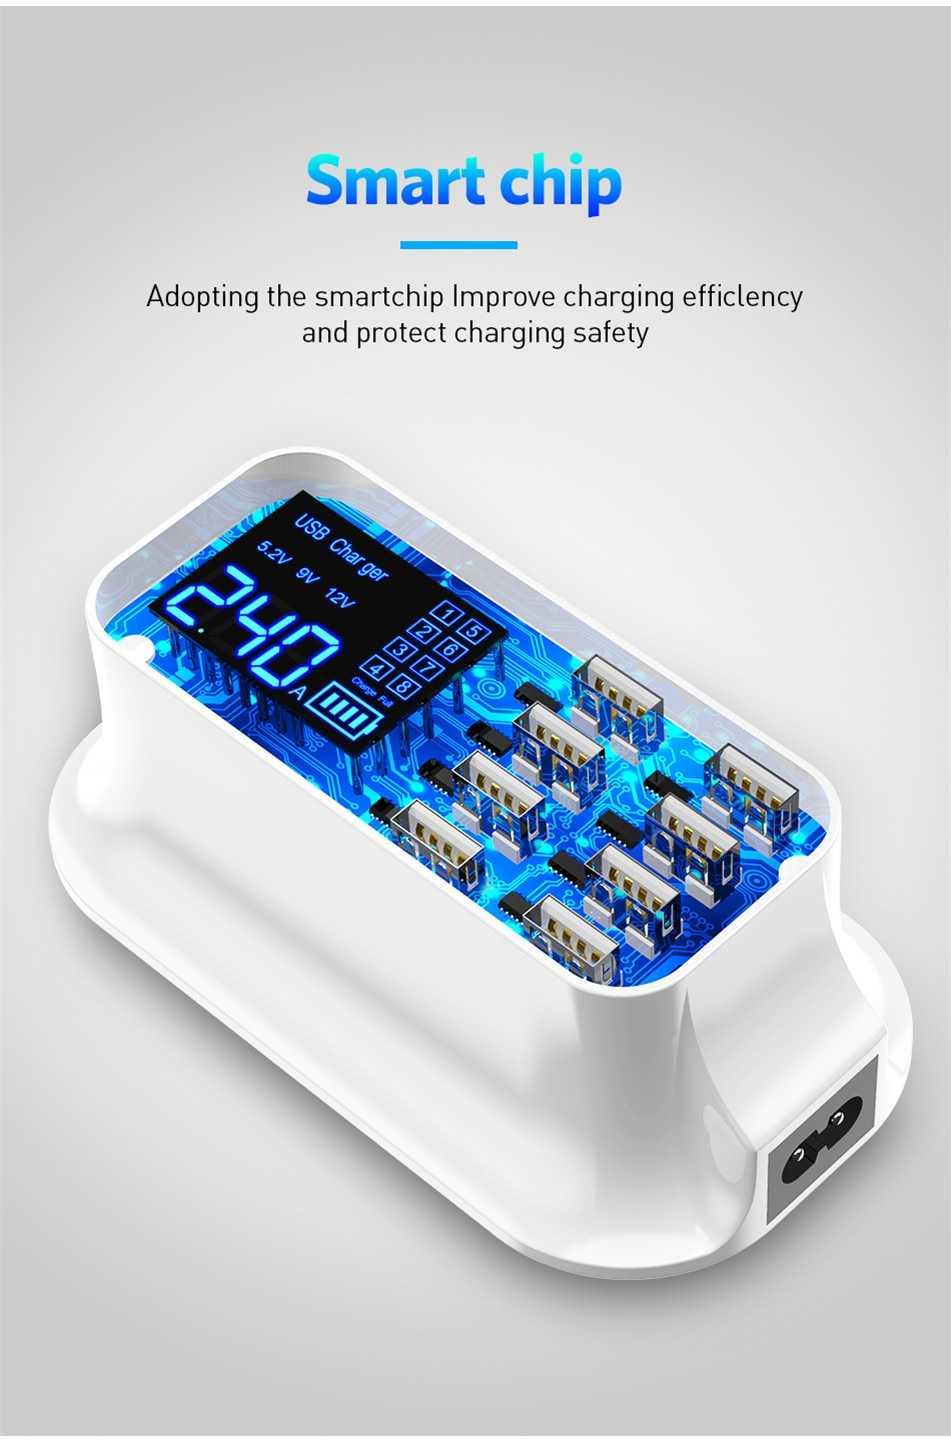 Лучшие сетевые зарядные устройства для смартфонов и планшетов с aliexpress